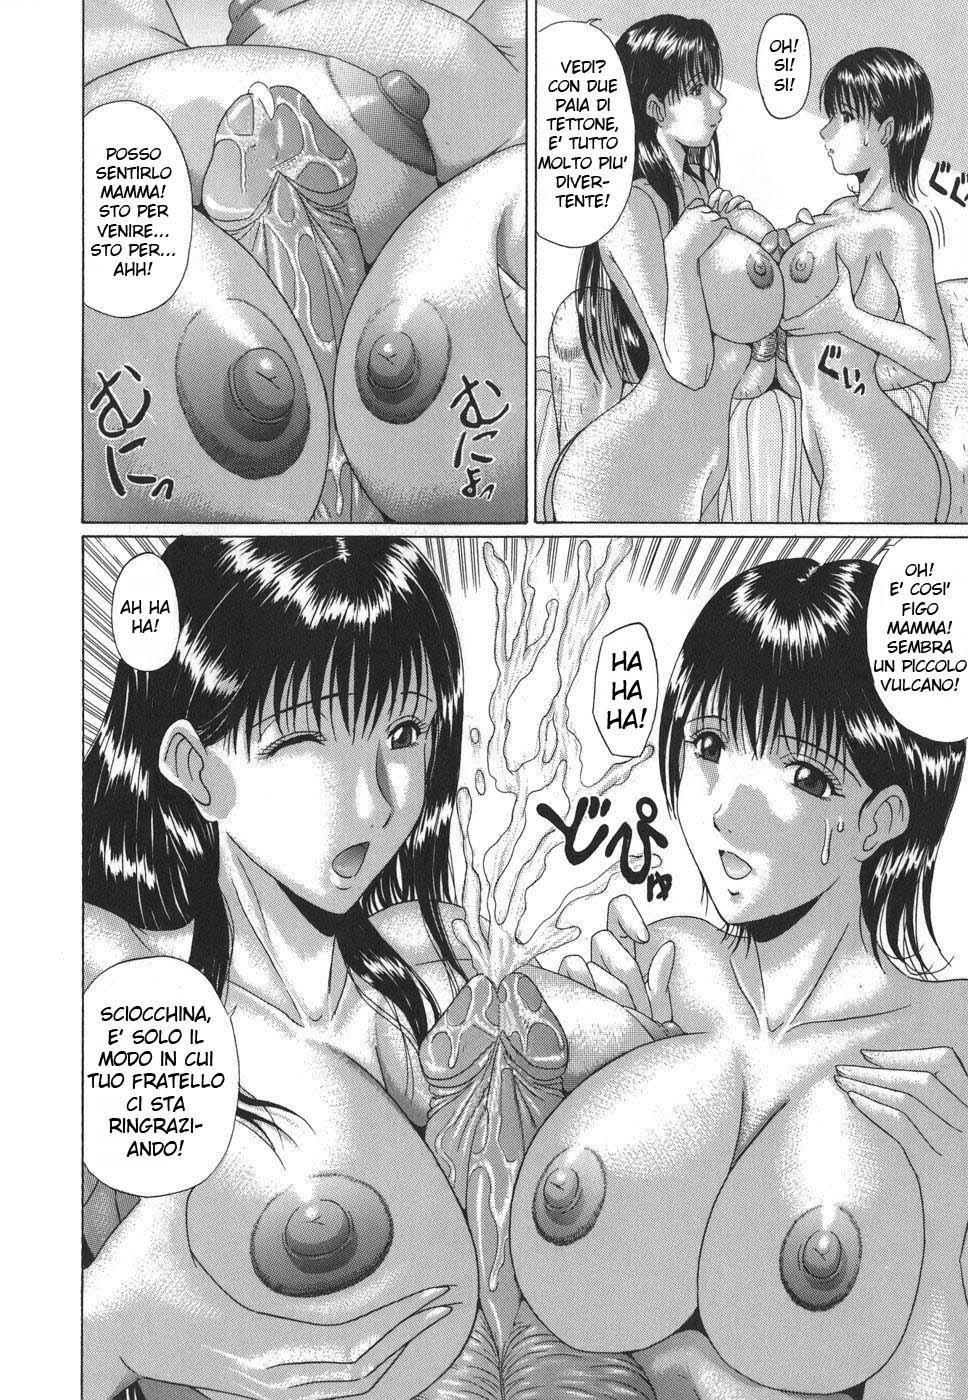 Chyna lesbica porno